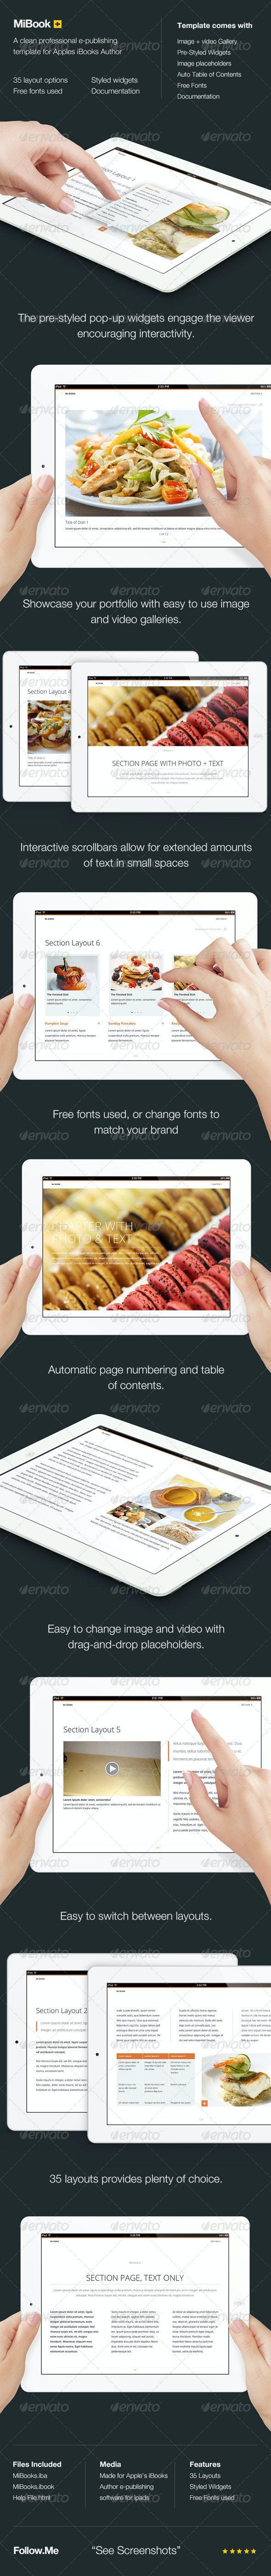 MiBook - e-publishing template - Digital Books ePublishing